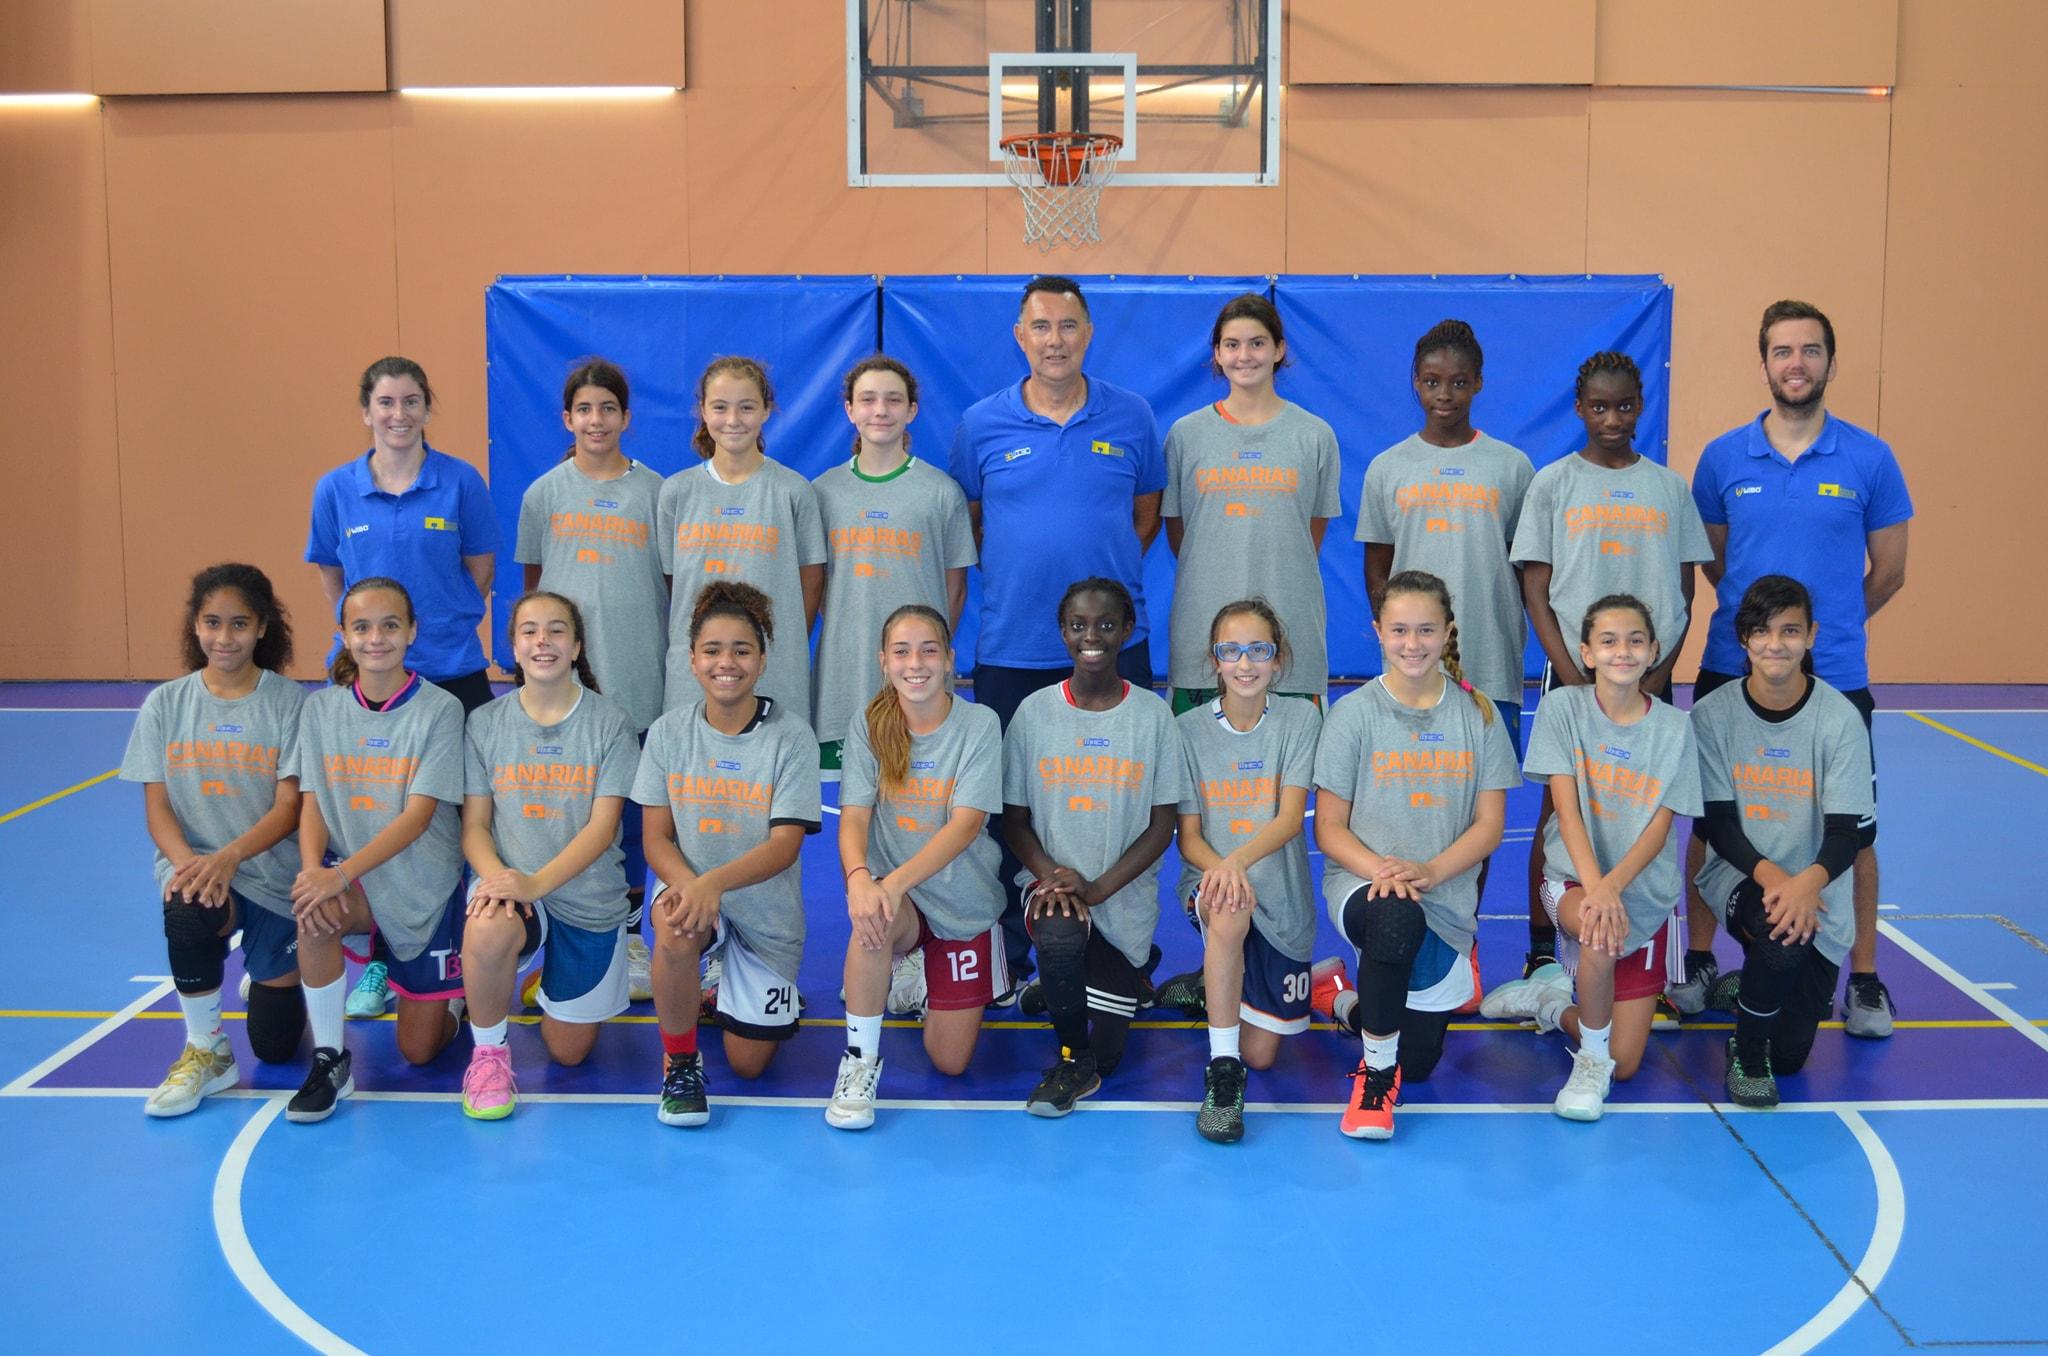 La Federación Canaria confirma las selecciones para el Nacional de Comunidades Autónomas de Minibasket